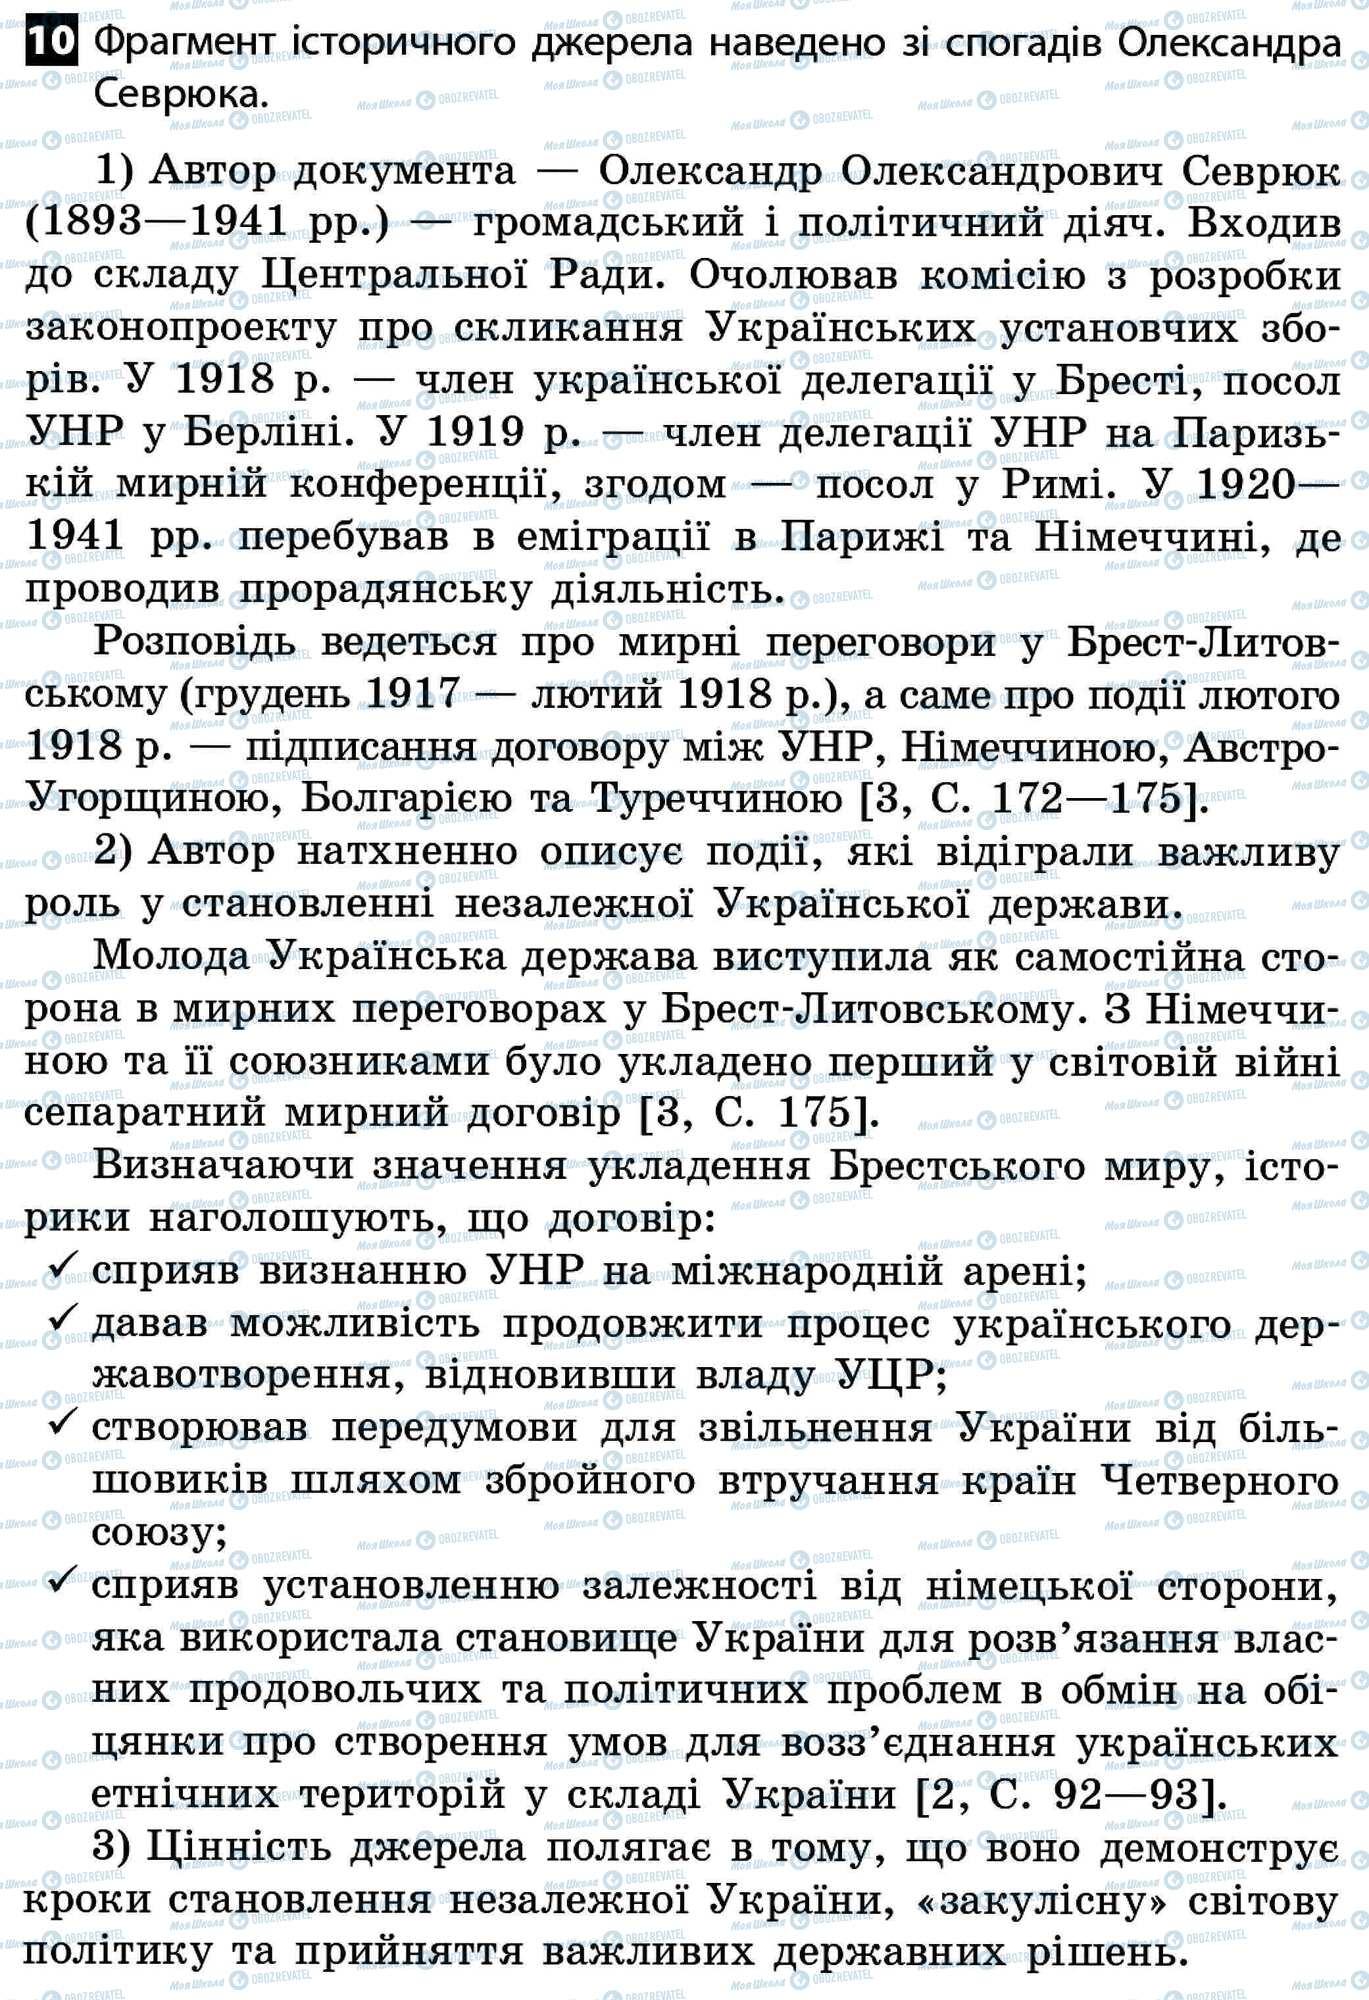 ДПА История Украины 11 класс страница 10